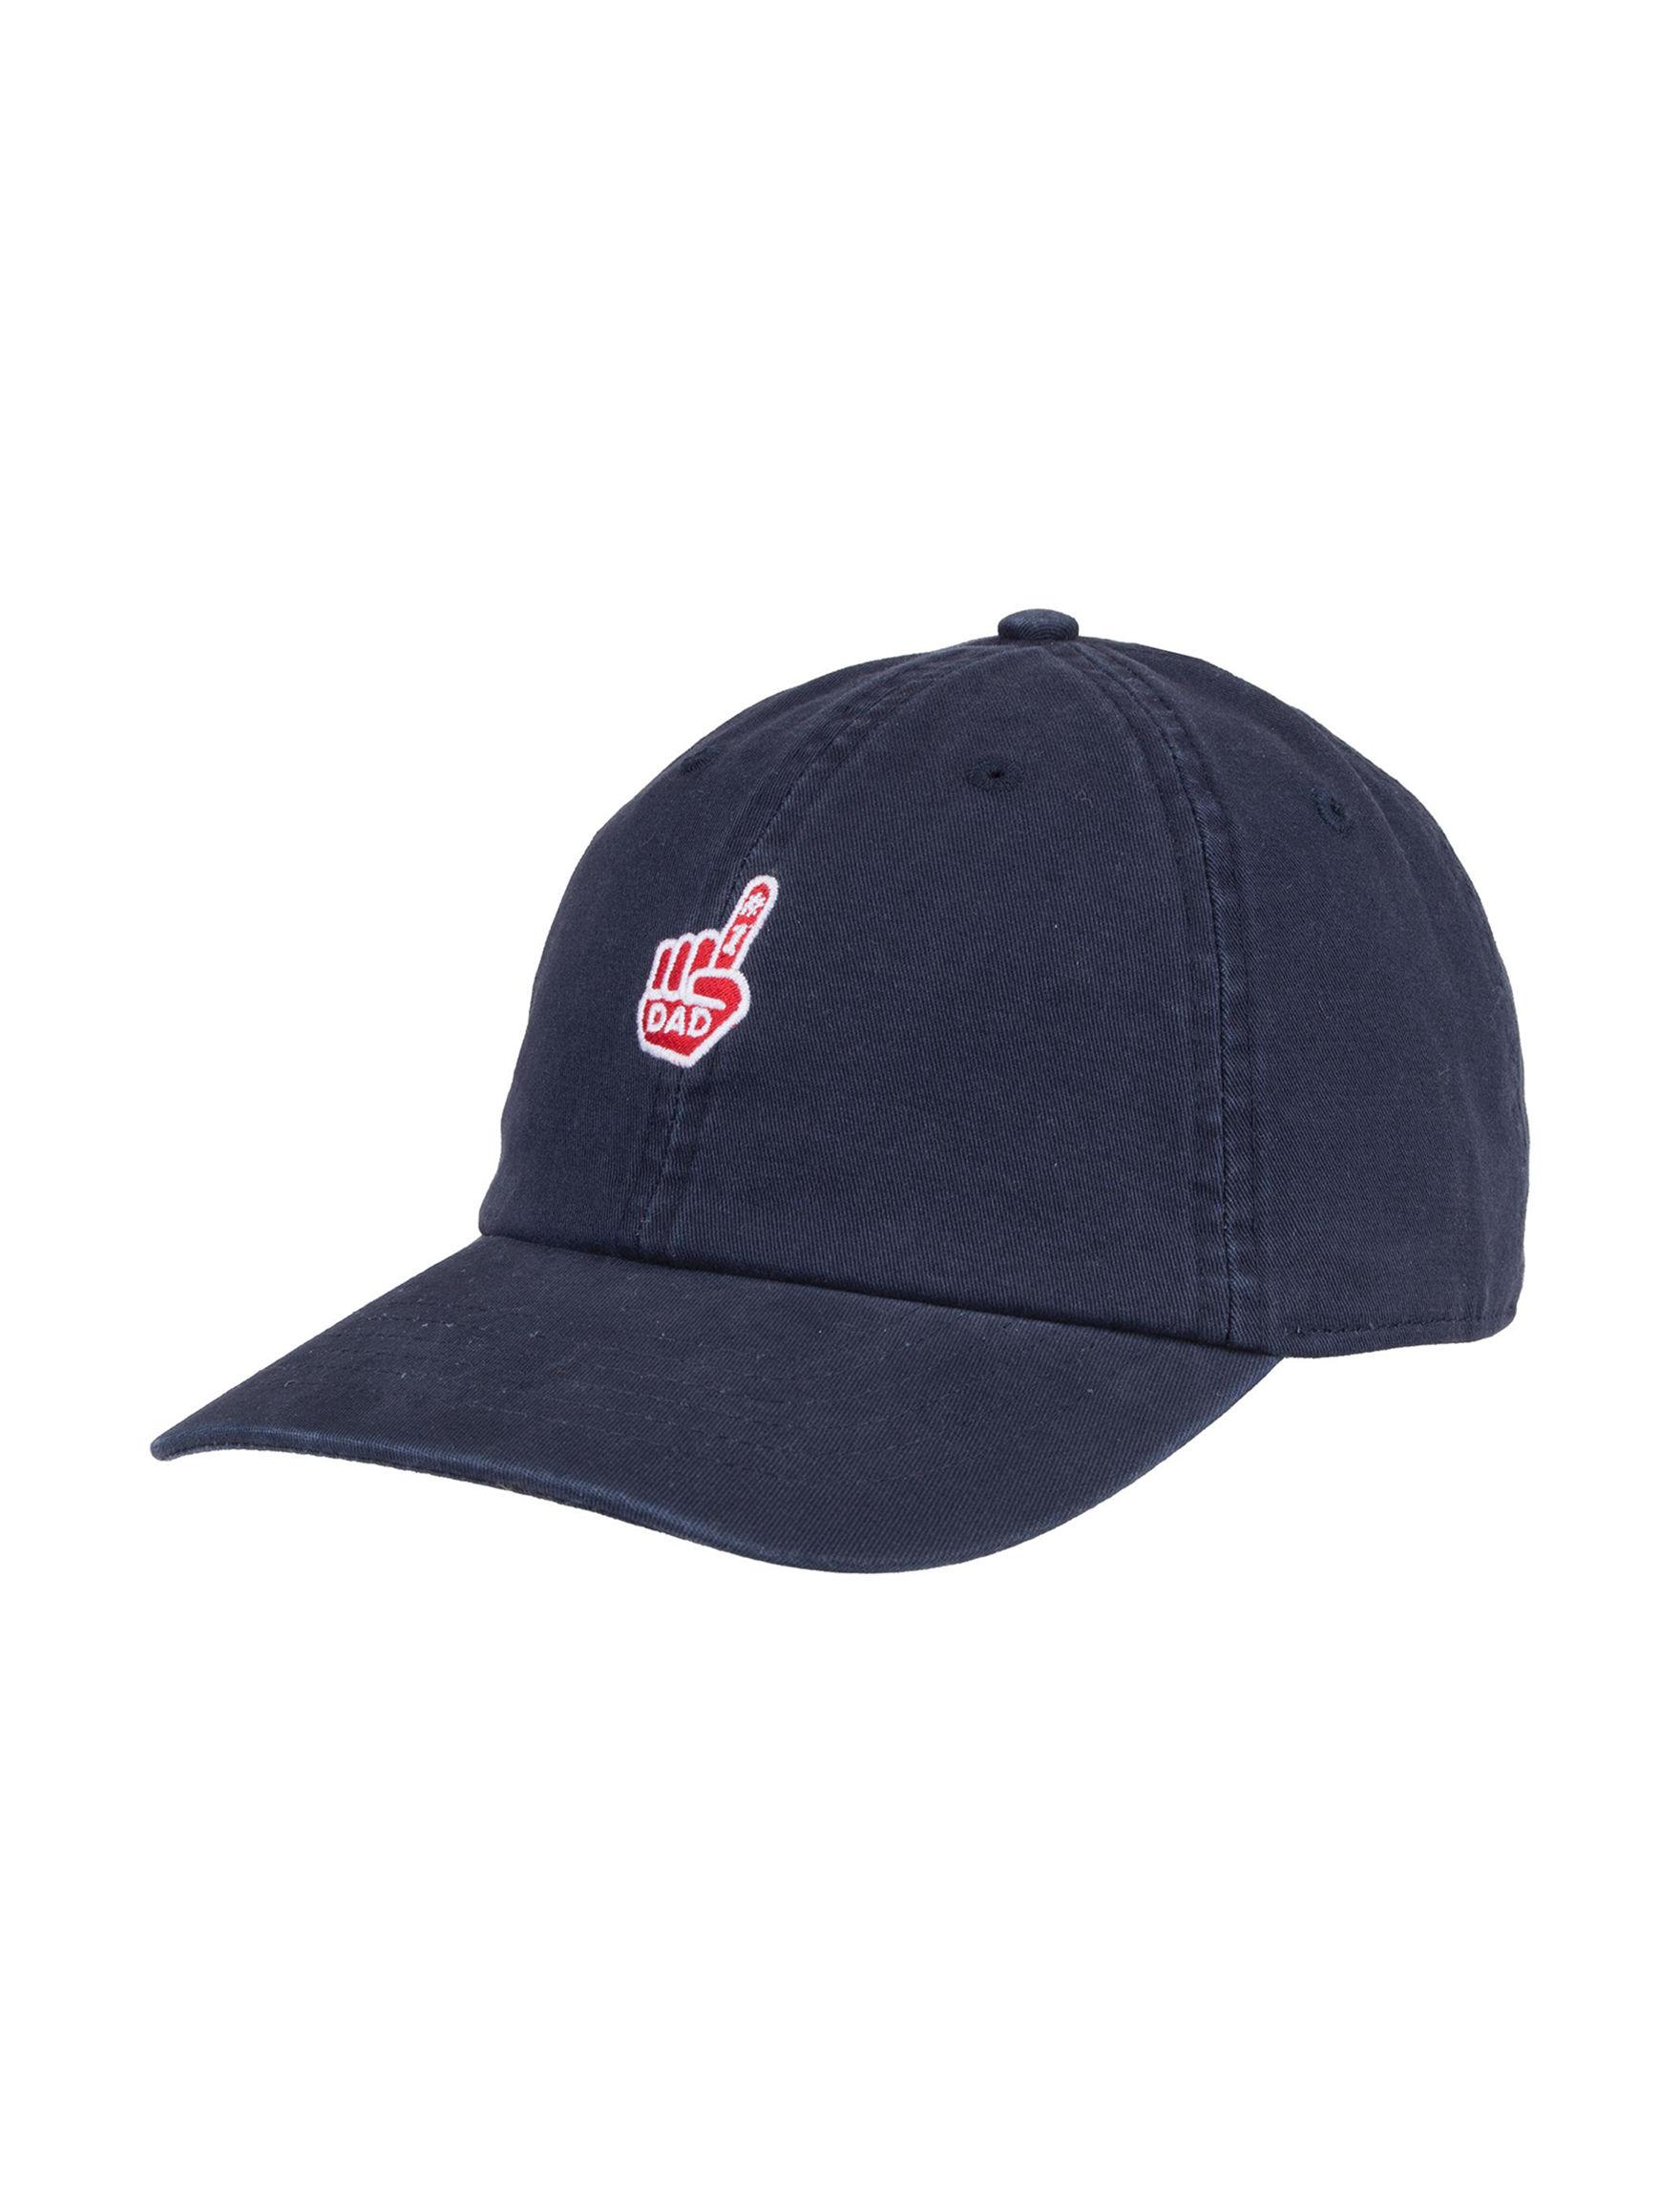 Levi's Navy Hats & Headwear